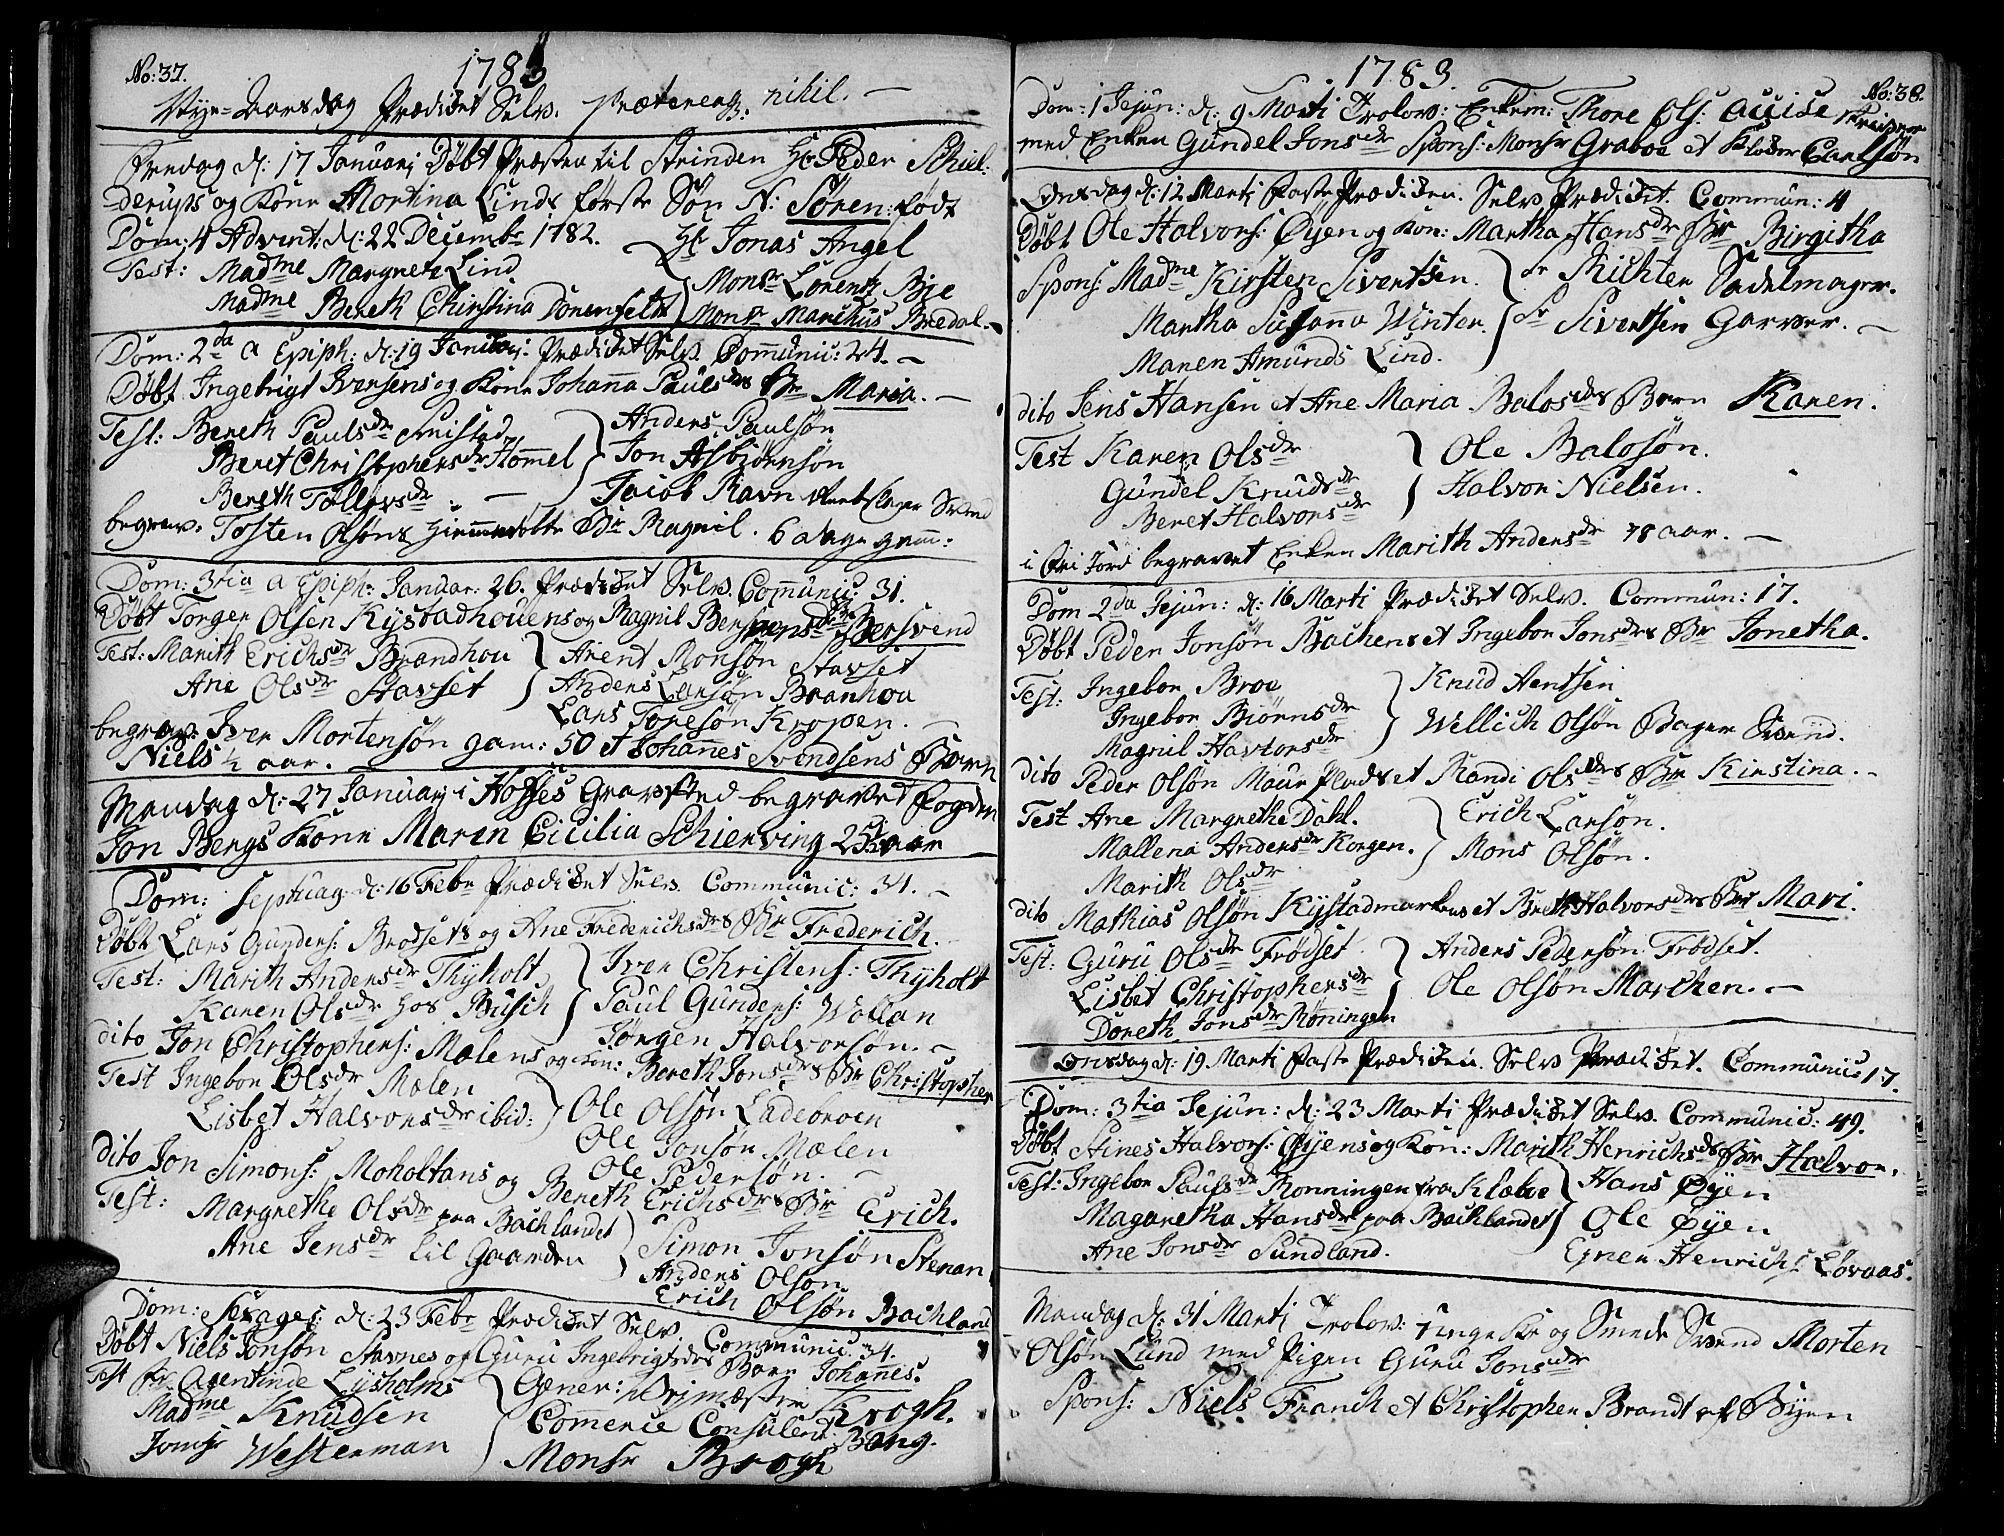 SAT, Ministerialprotokoller, klokkerbøker og fødselsregistre - Sør-Trøndelag, 604/L0180: Ministerialbok nr. 604A01, 1780-1797, s. 37-38